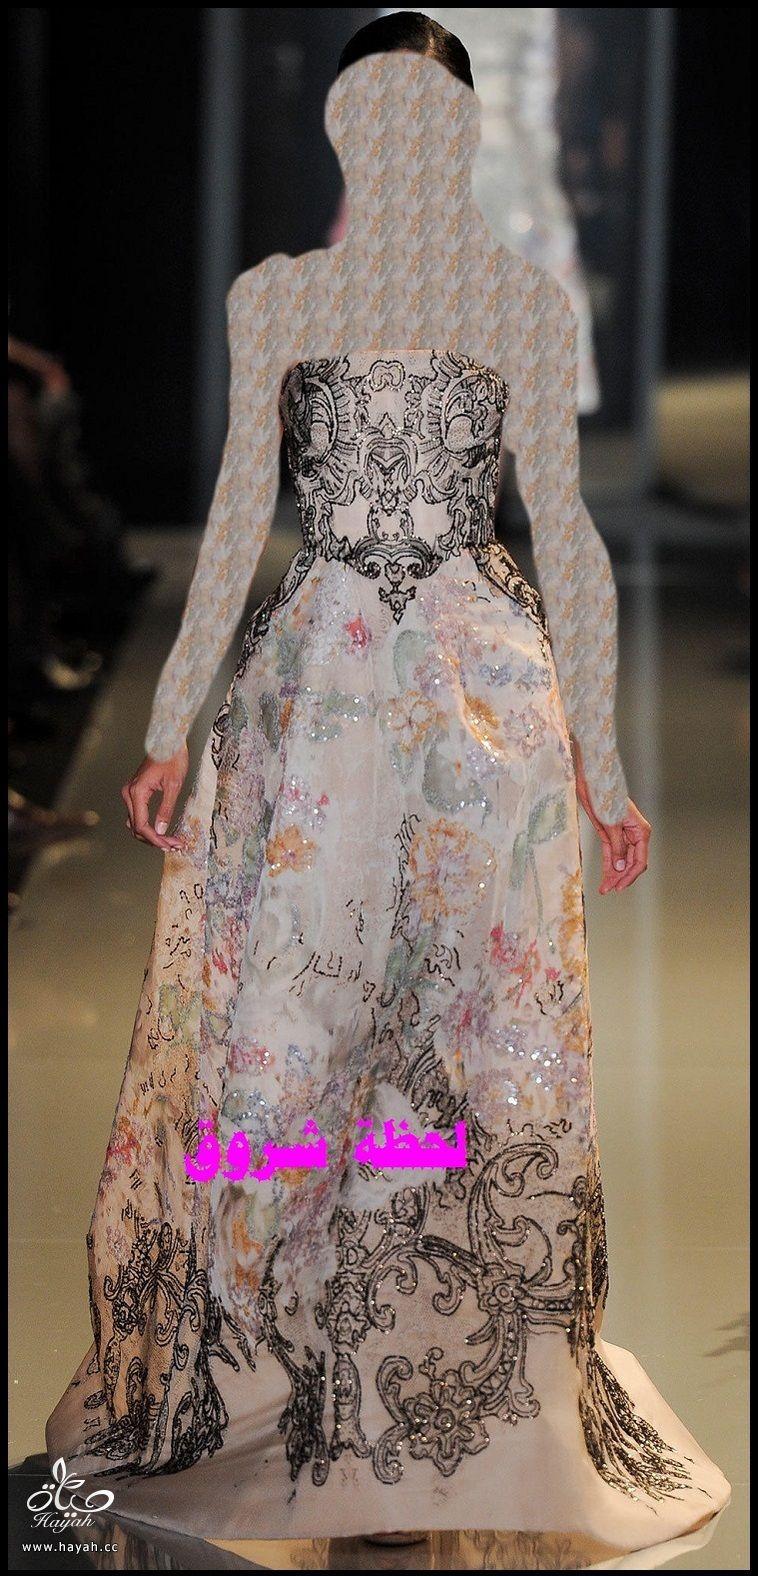 فساتين سهرة و سهرات مميزة جديدة Evening Dresses2013 hayahcc_1370028329_598.jpg